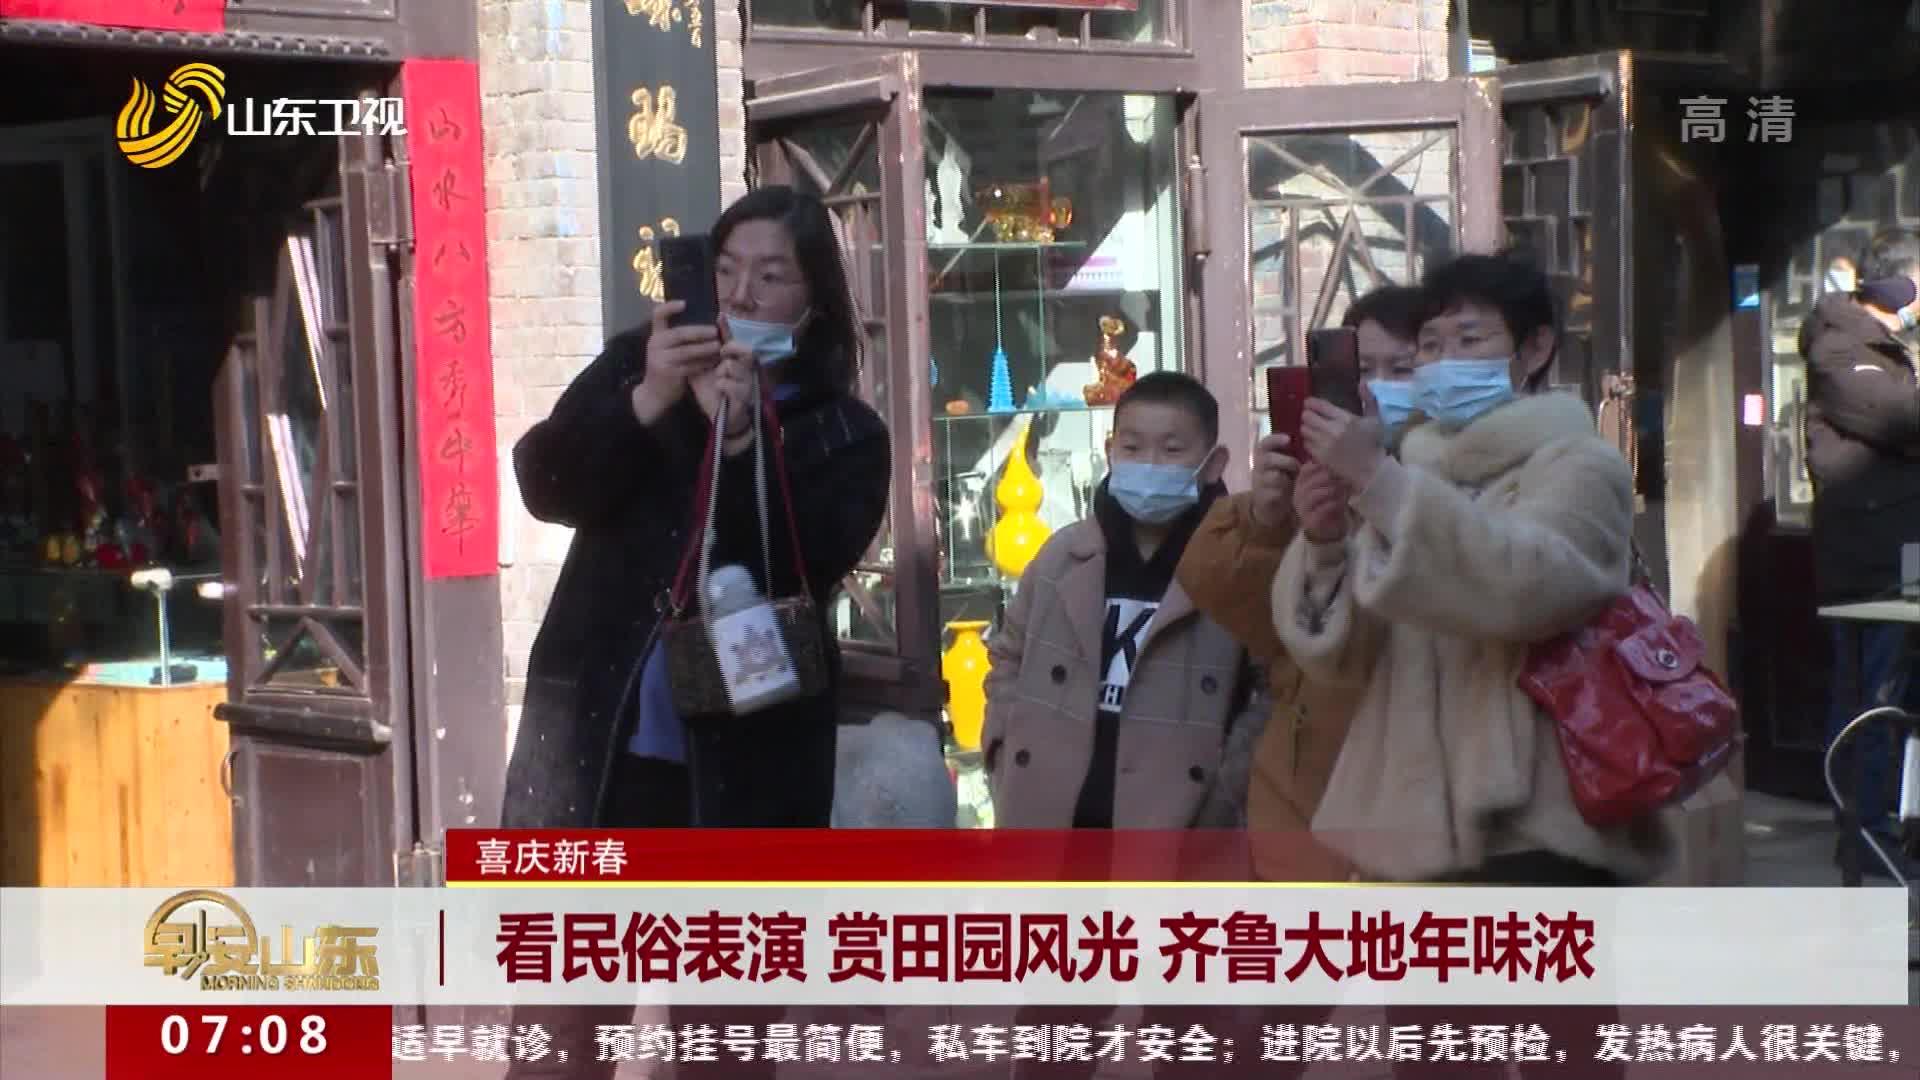 【喜庆新春】看民俗表演 赏田园风光 齐鲁大地年味浓